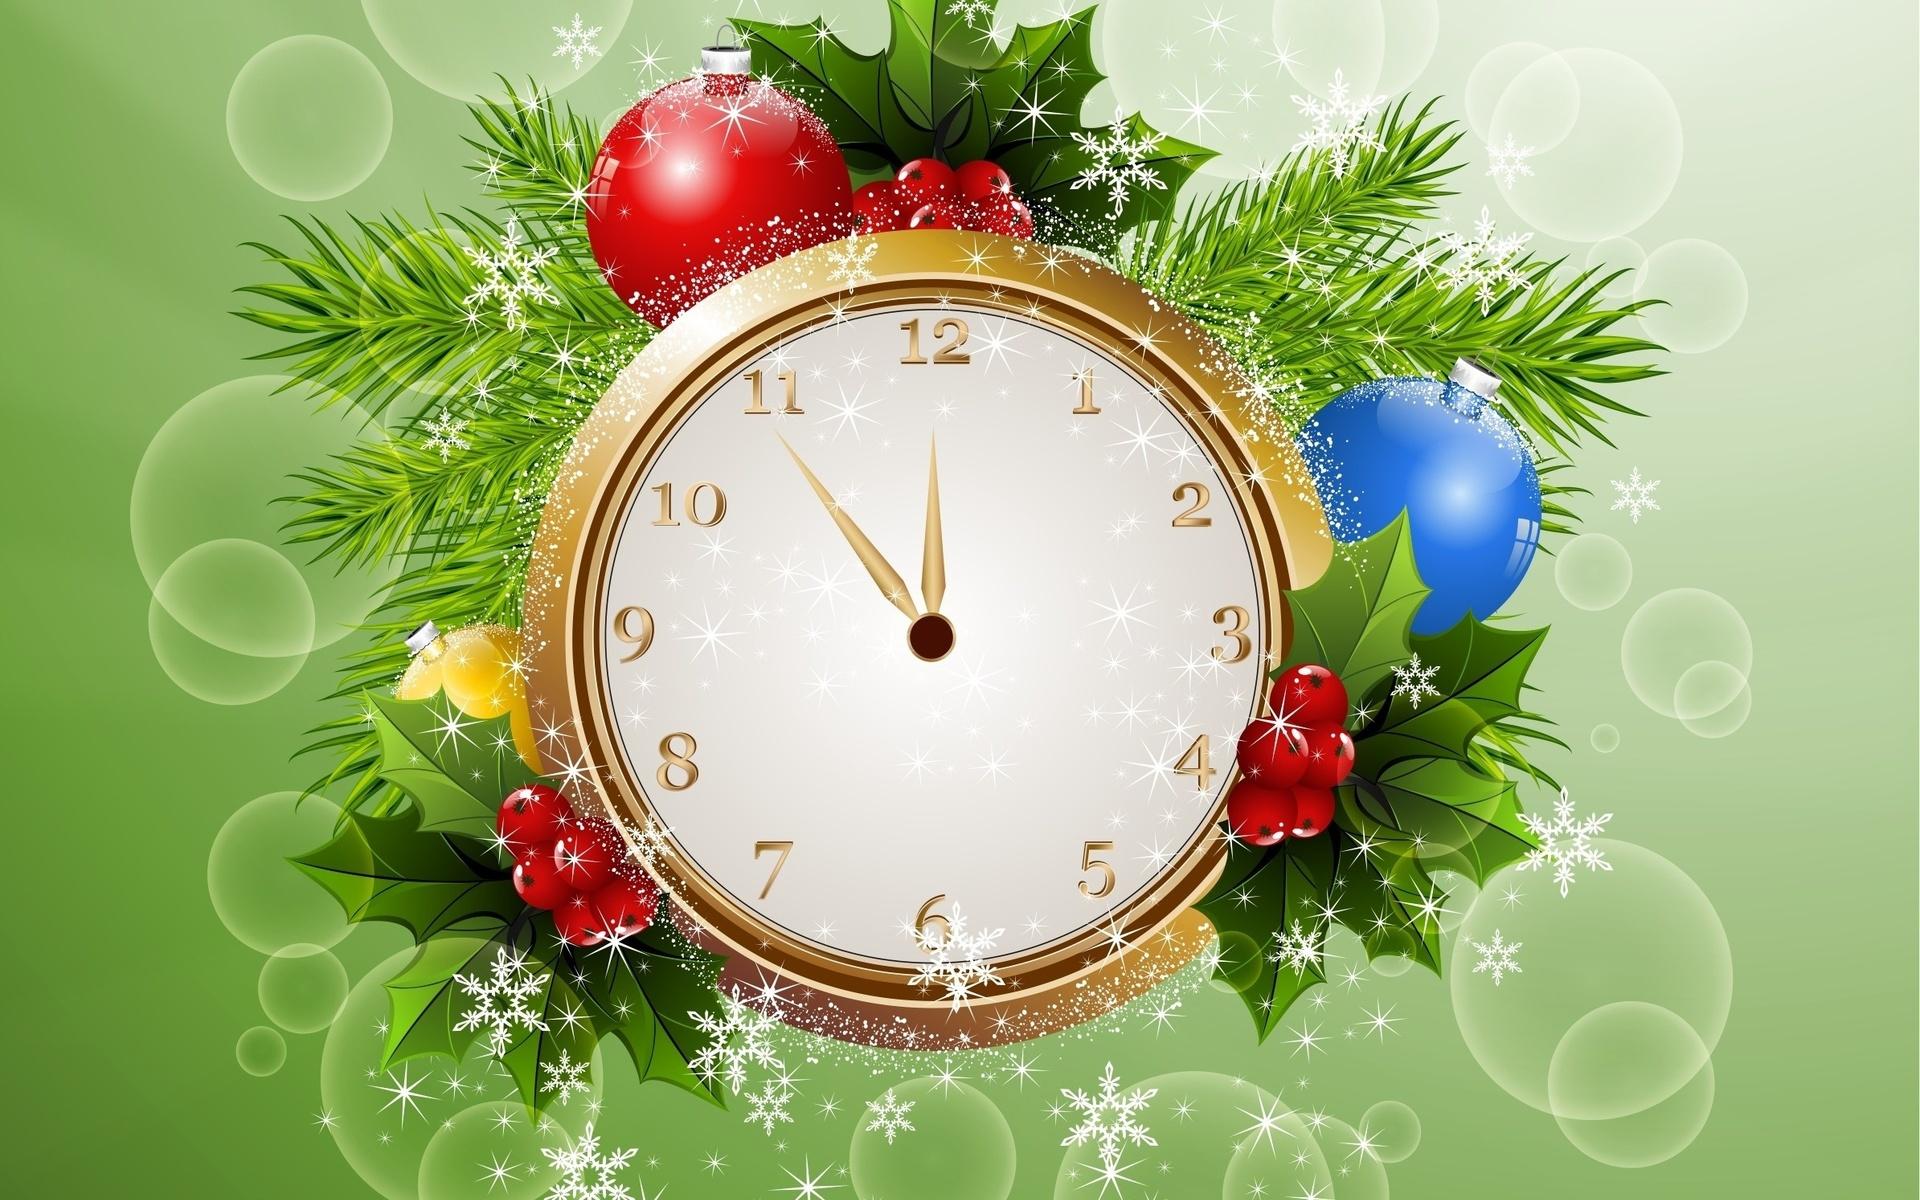 сразу, рождественские картинки на часы бонус для